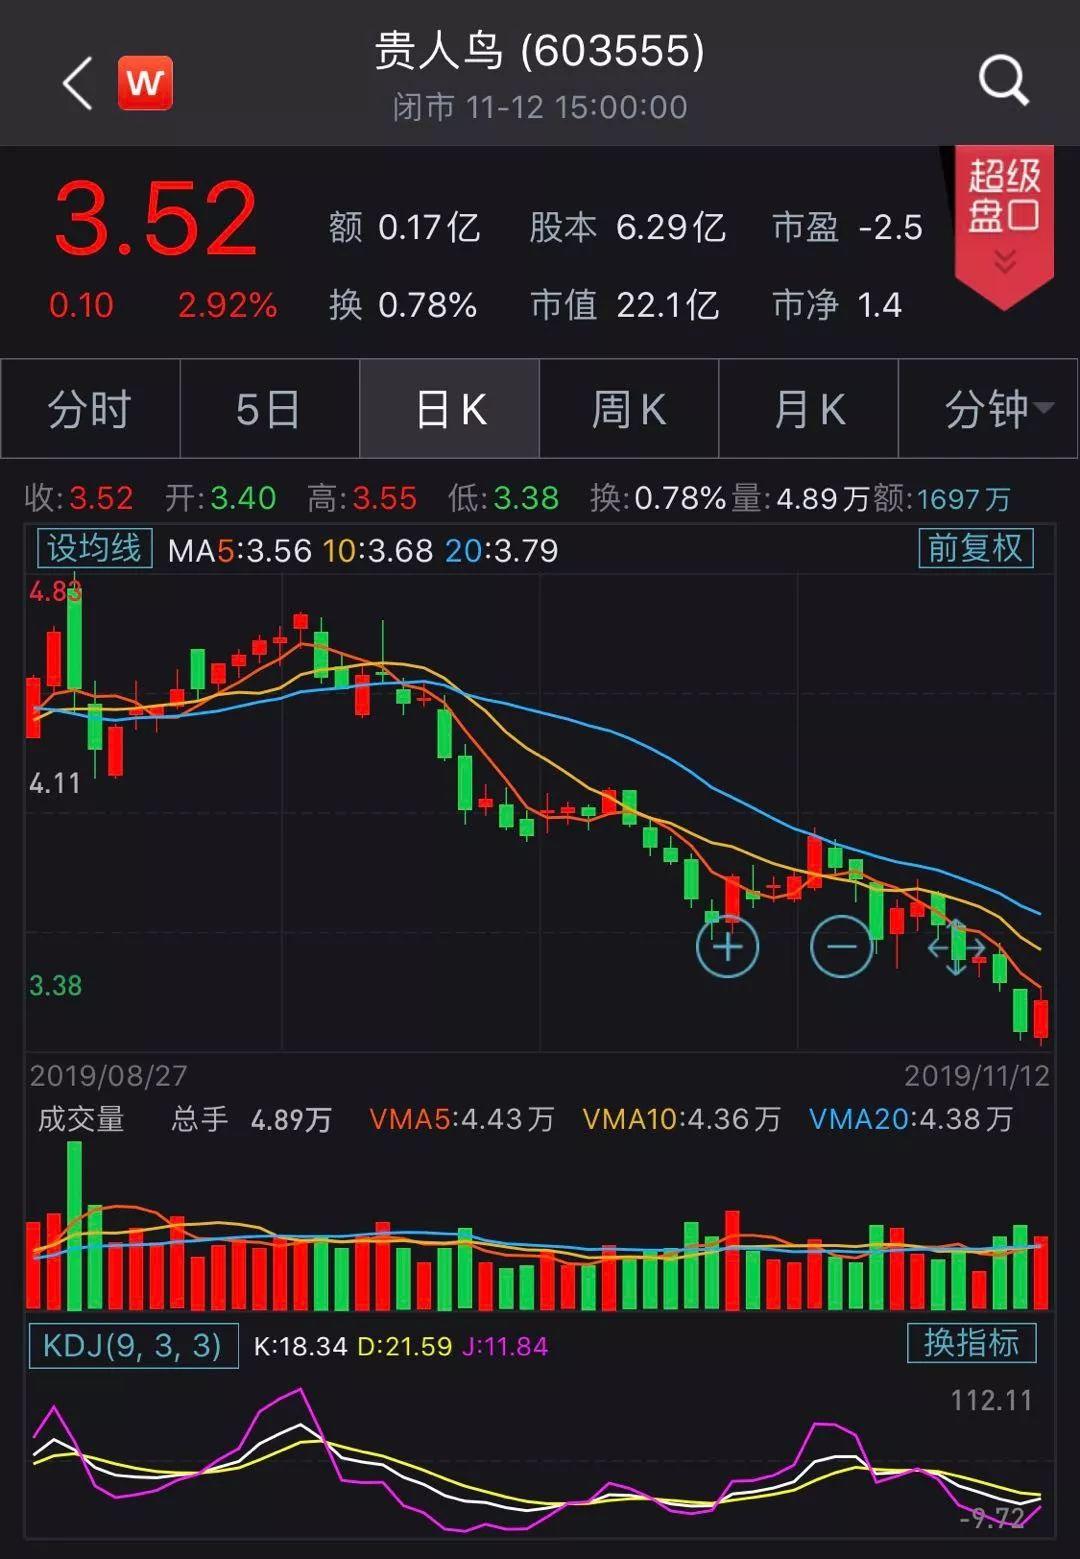 永胜娱乐场官方站 - IMF再下调全球经济增长预期